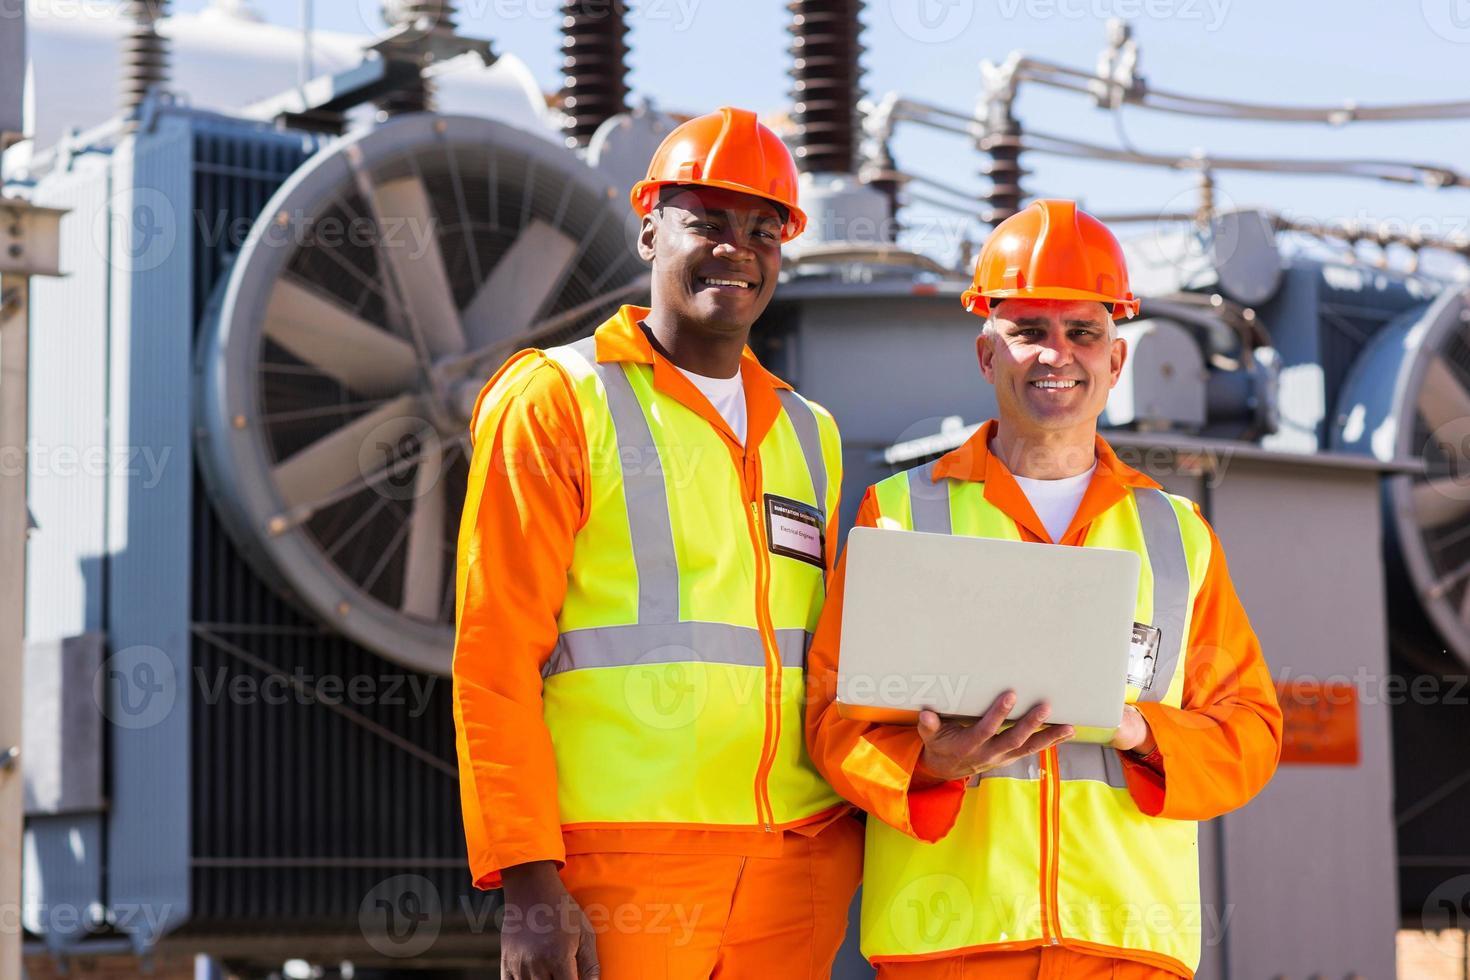 Elektrotechniker mit Laptop vor Transformator foto